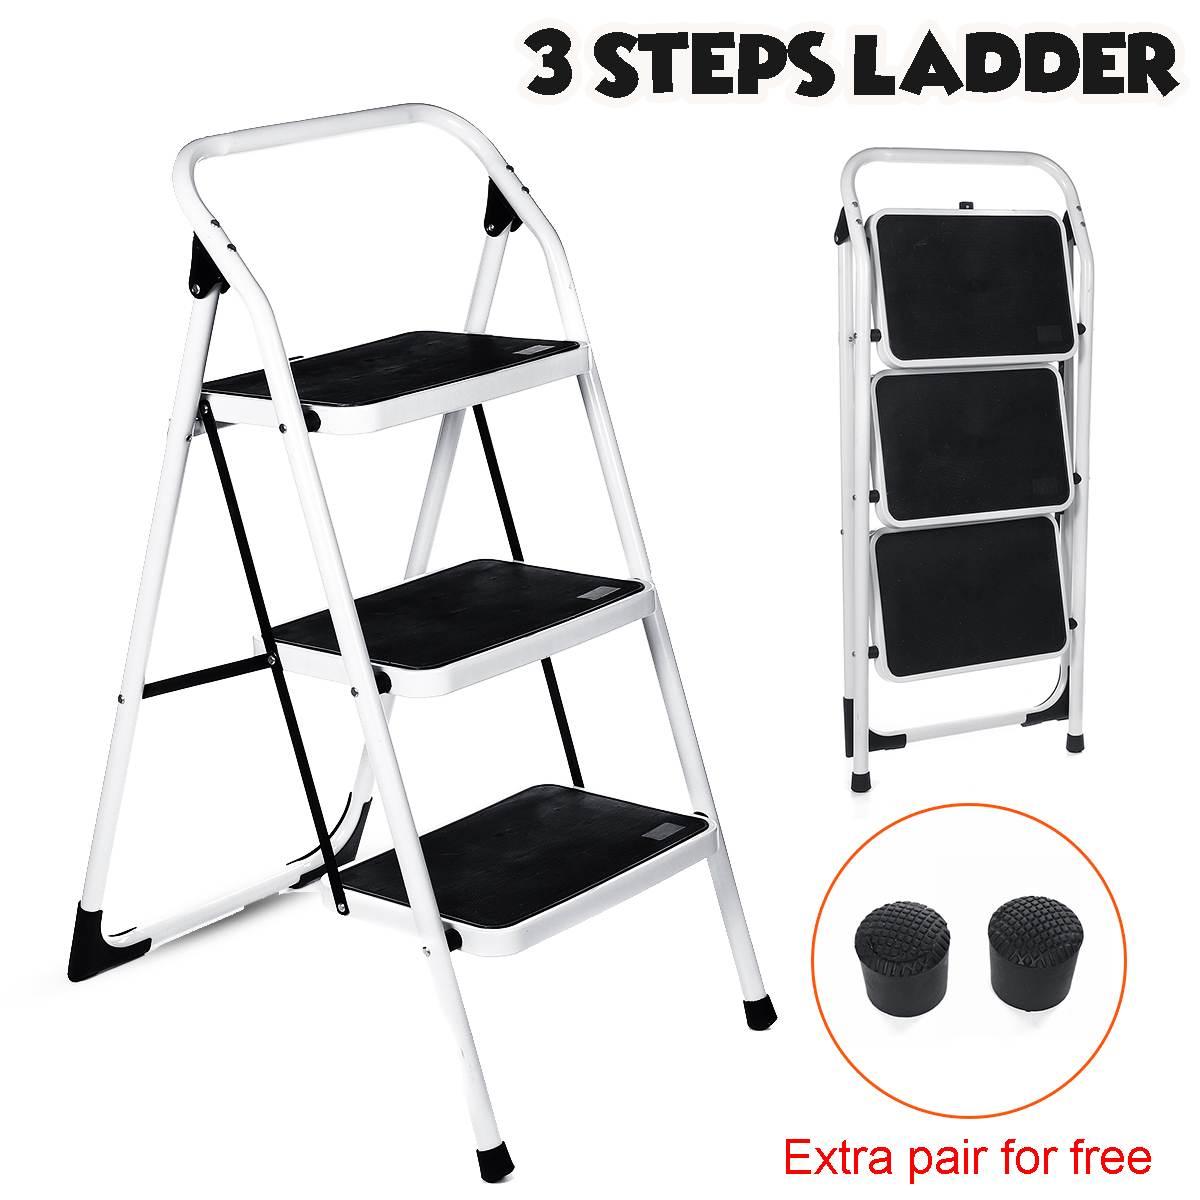 3 Step Ladder Folding Ladders Protable Non Slip For Household Multifunctional Herringbone Ladder Safe Durable